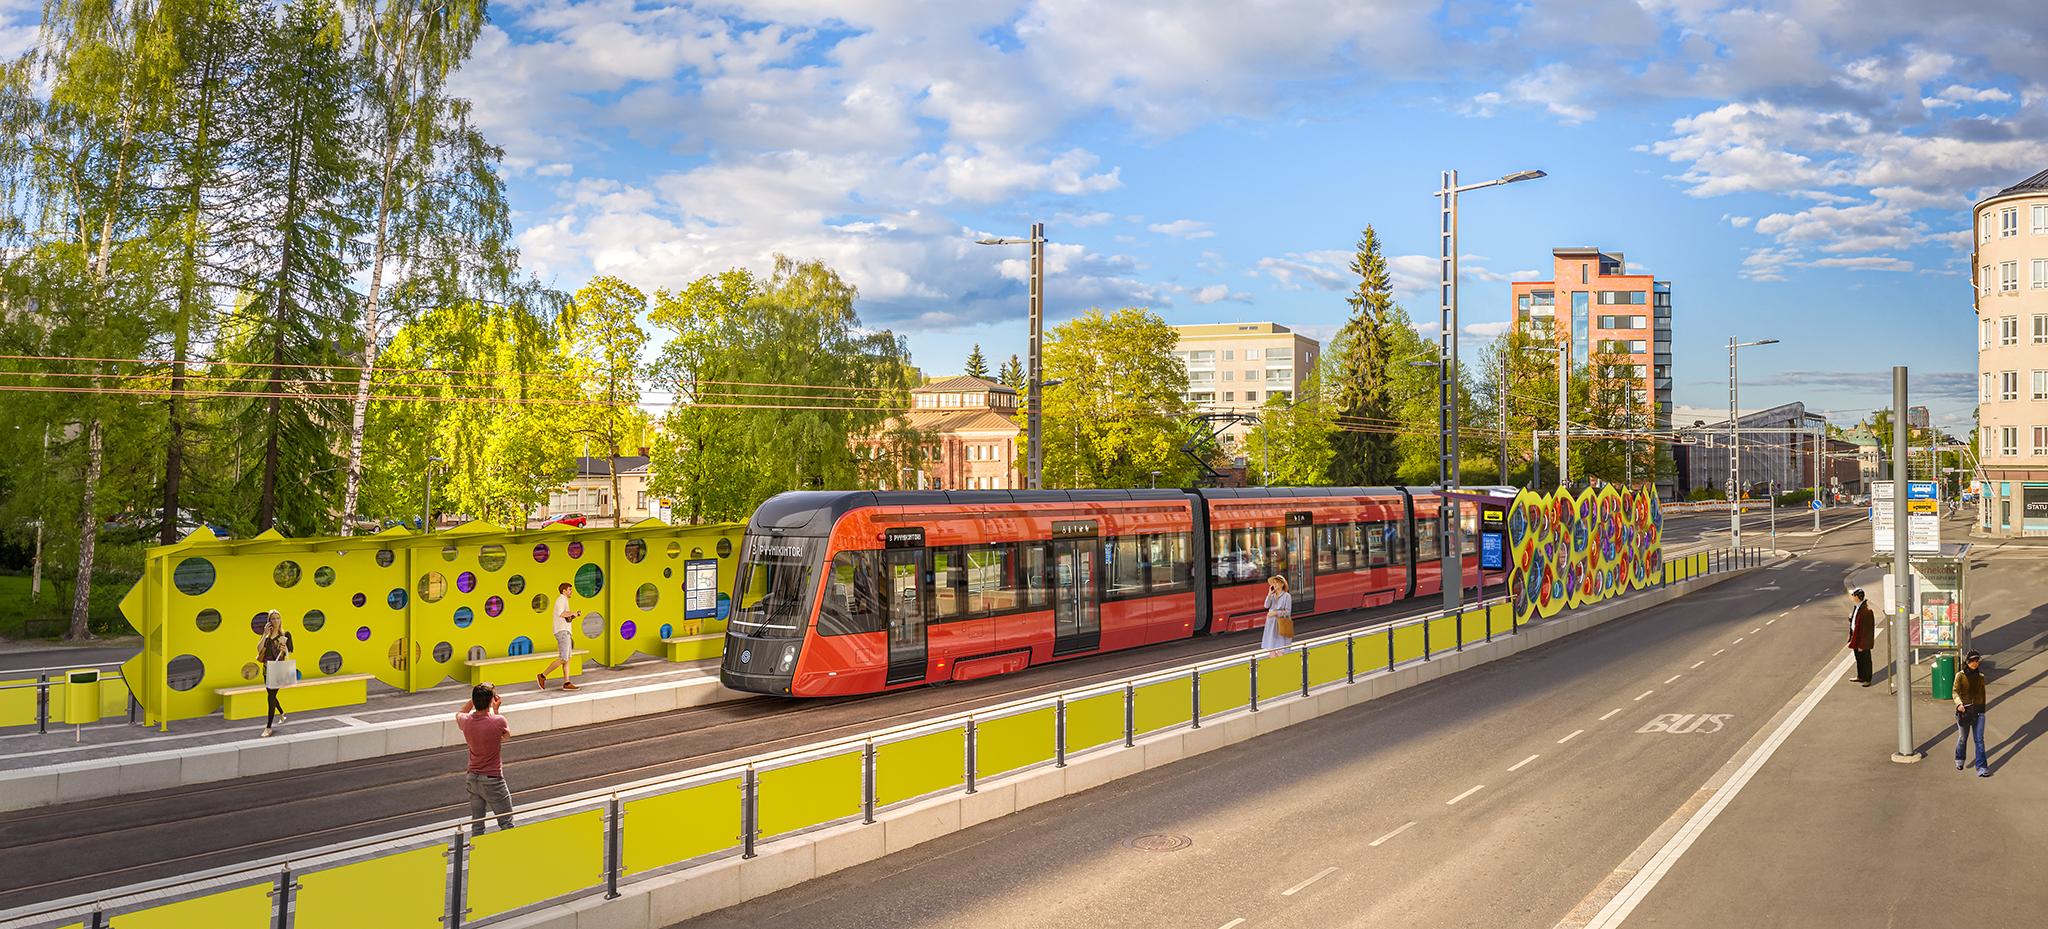 Tampereen Ratikan taidepysäkki Pyynikintorilla